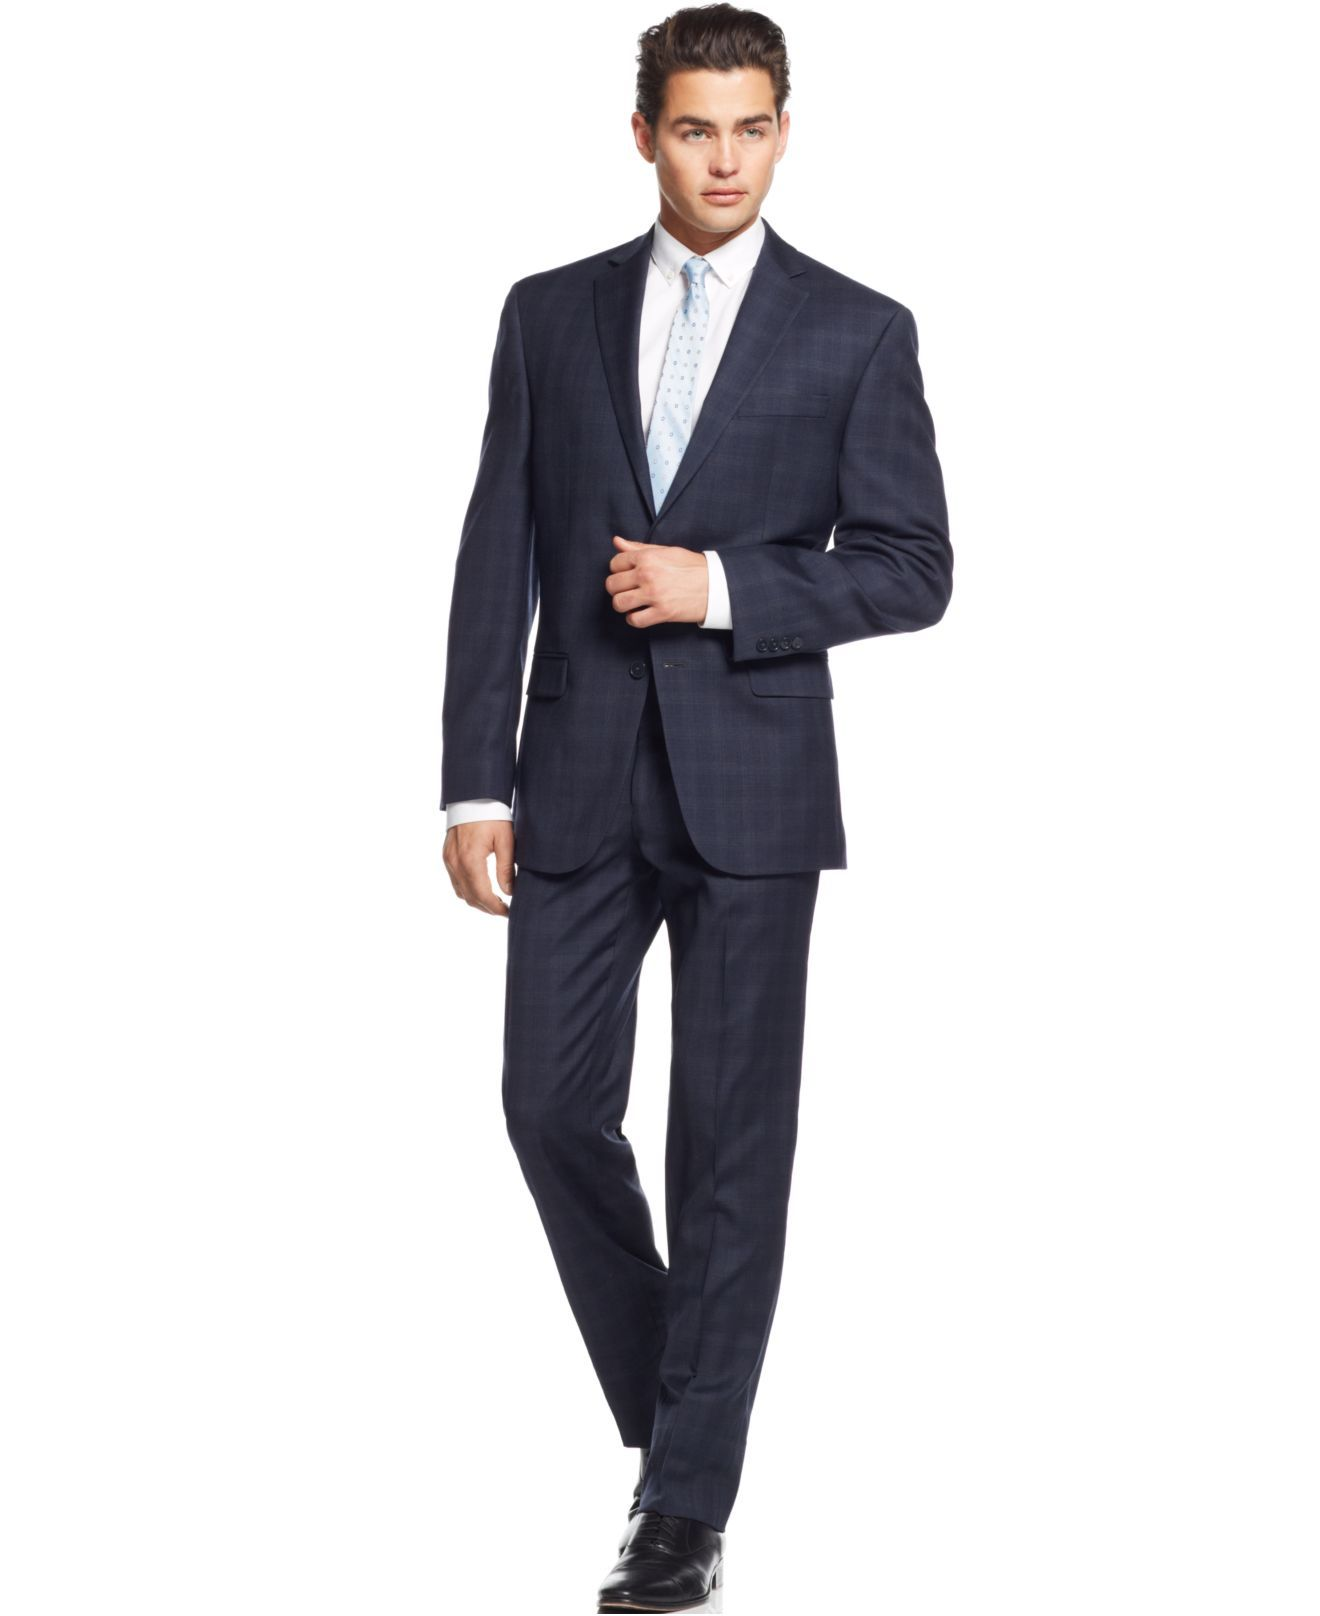 calvin-klein-navy-navy-plaid-slim-fit-suit-blue-product-0 ...